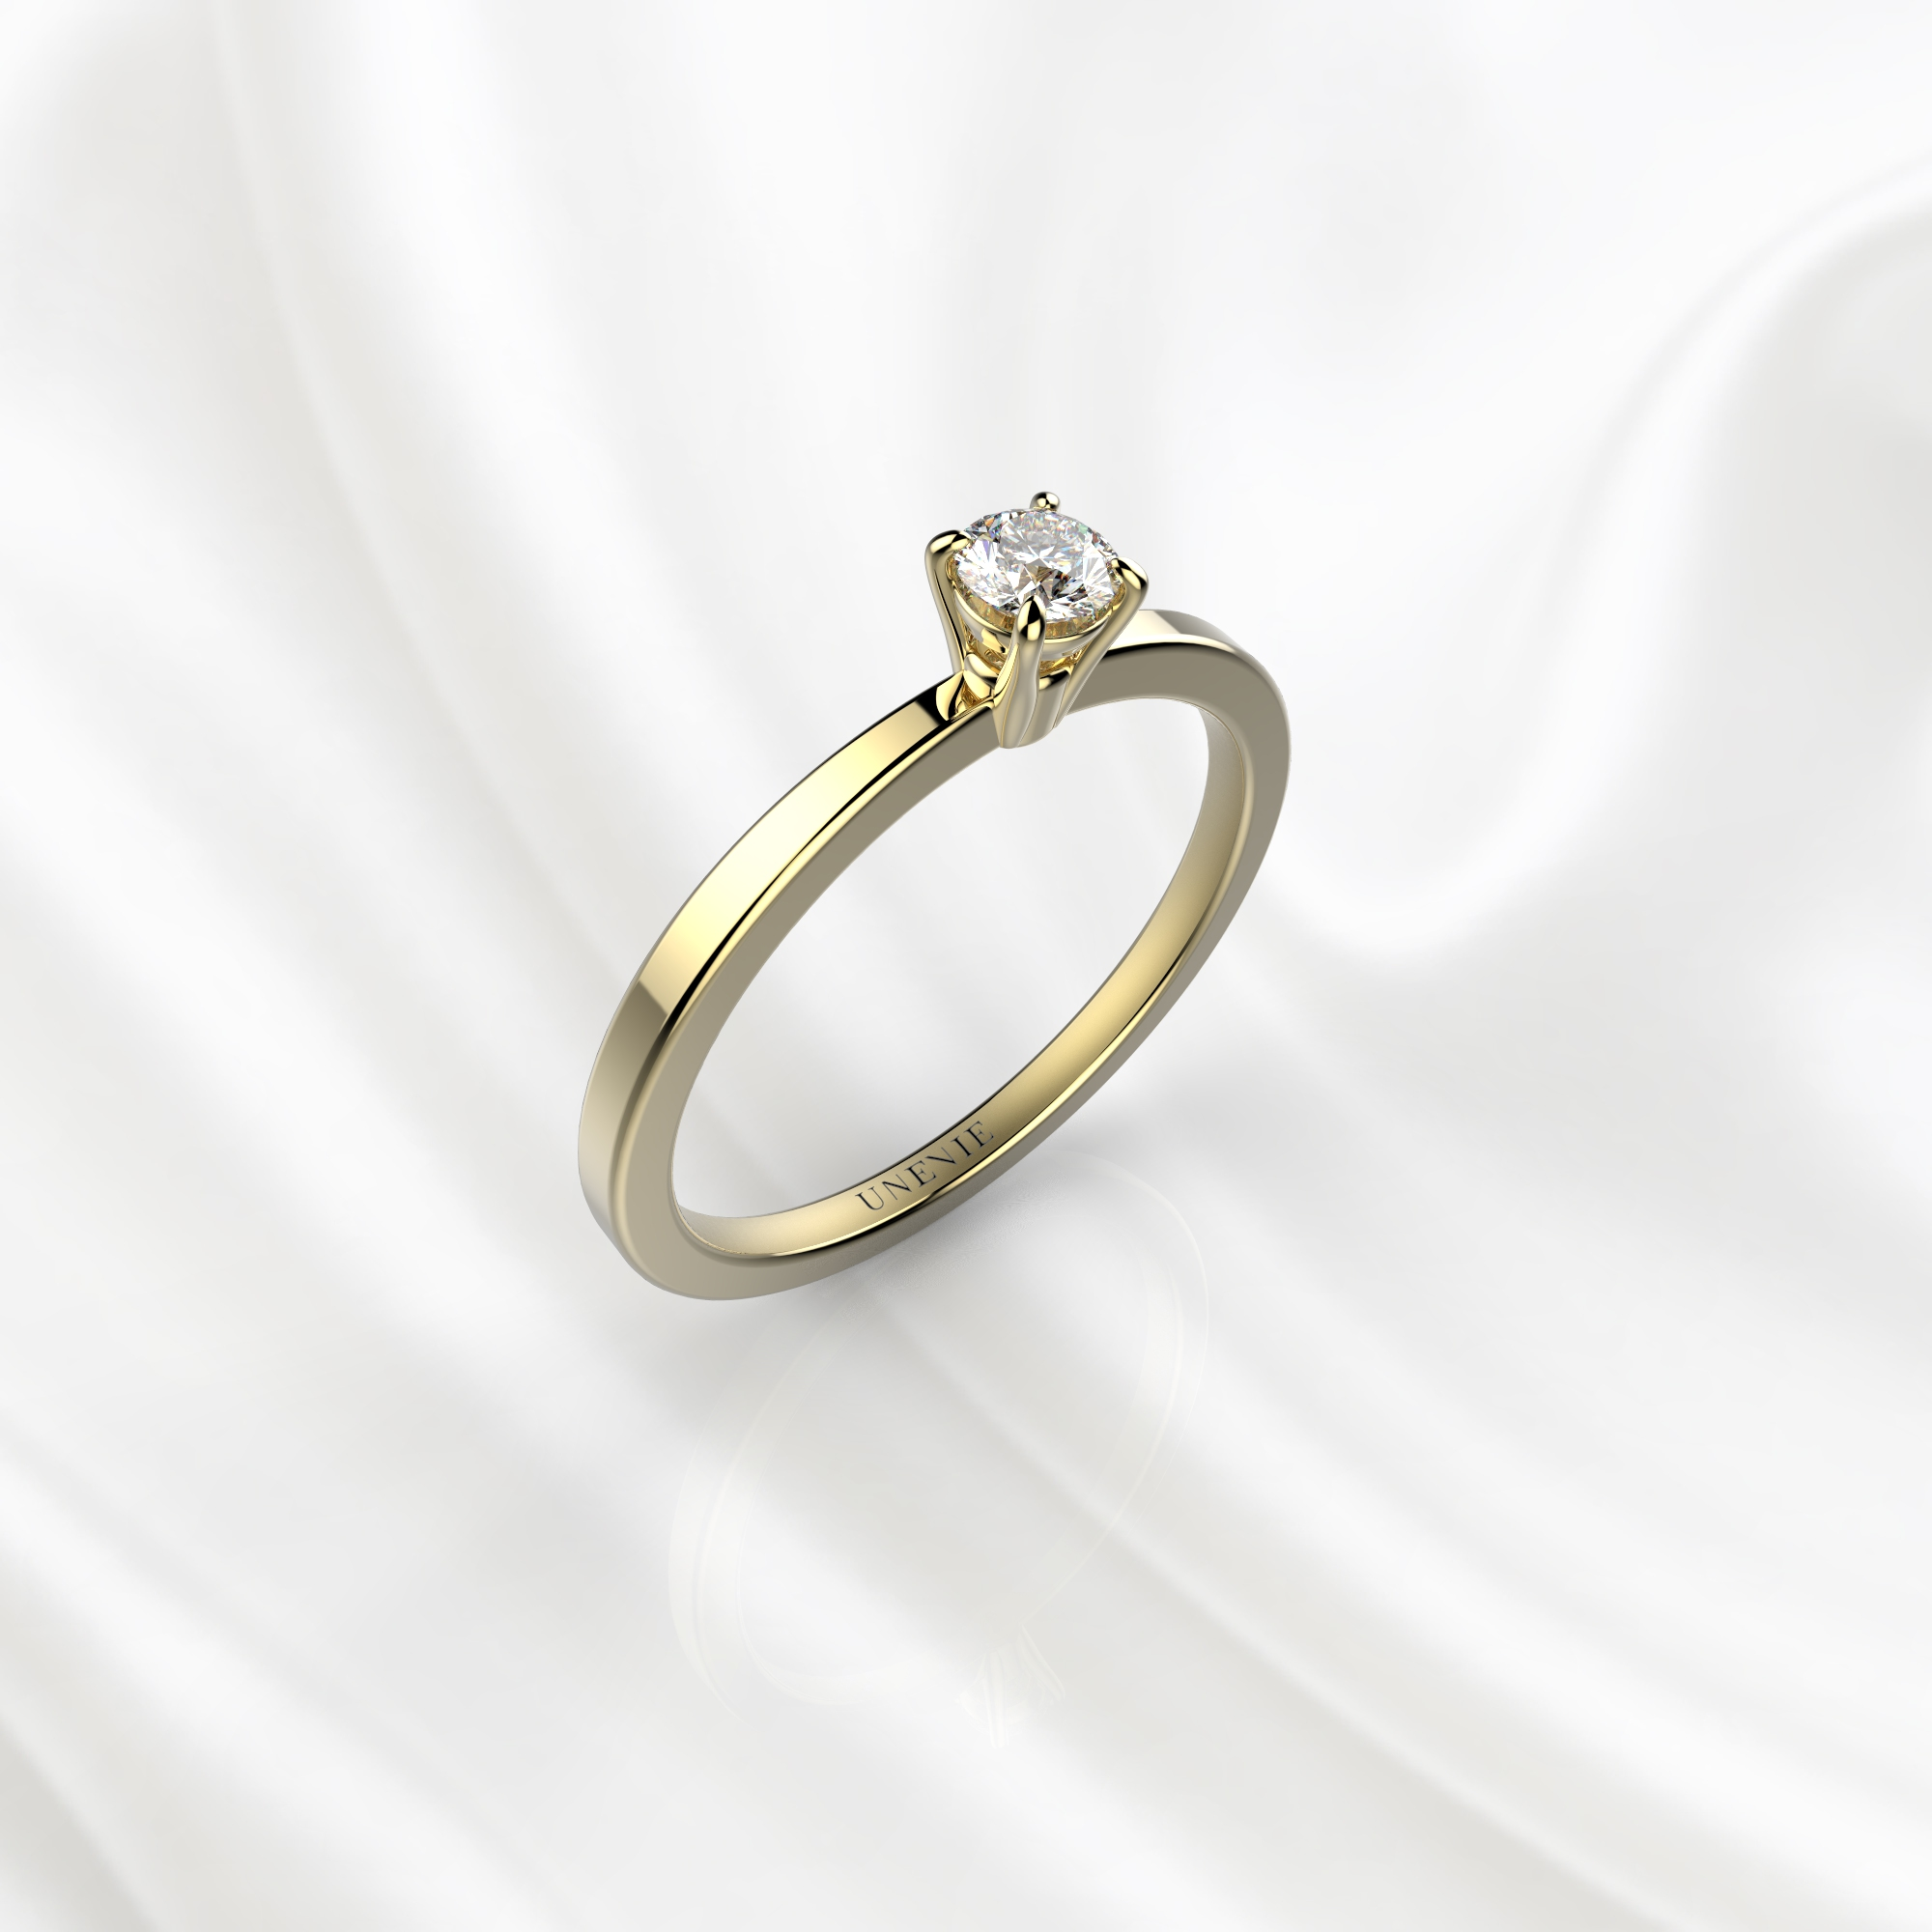 N22 Помолвочное кольцо из желтого золота с бриллиантом 0.1 карат